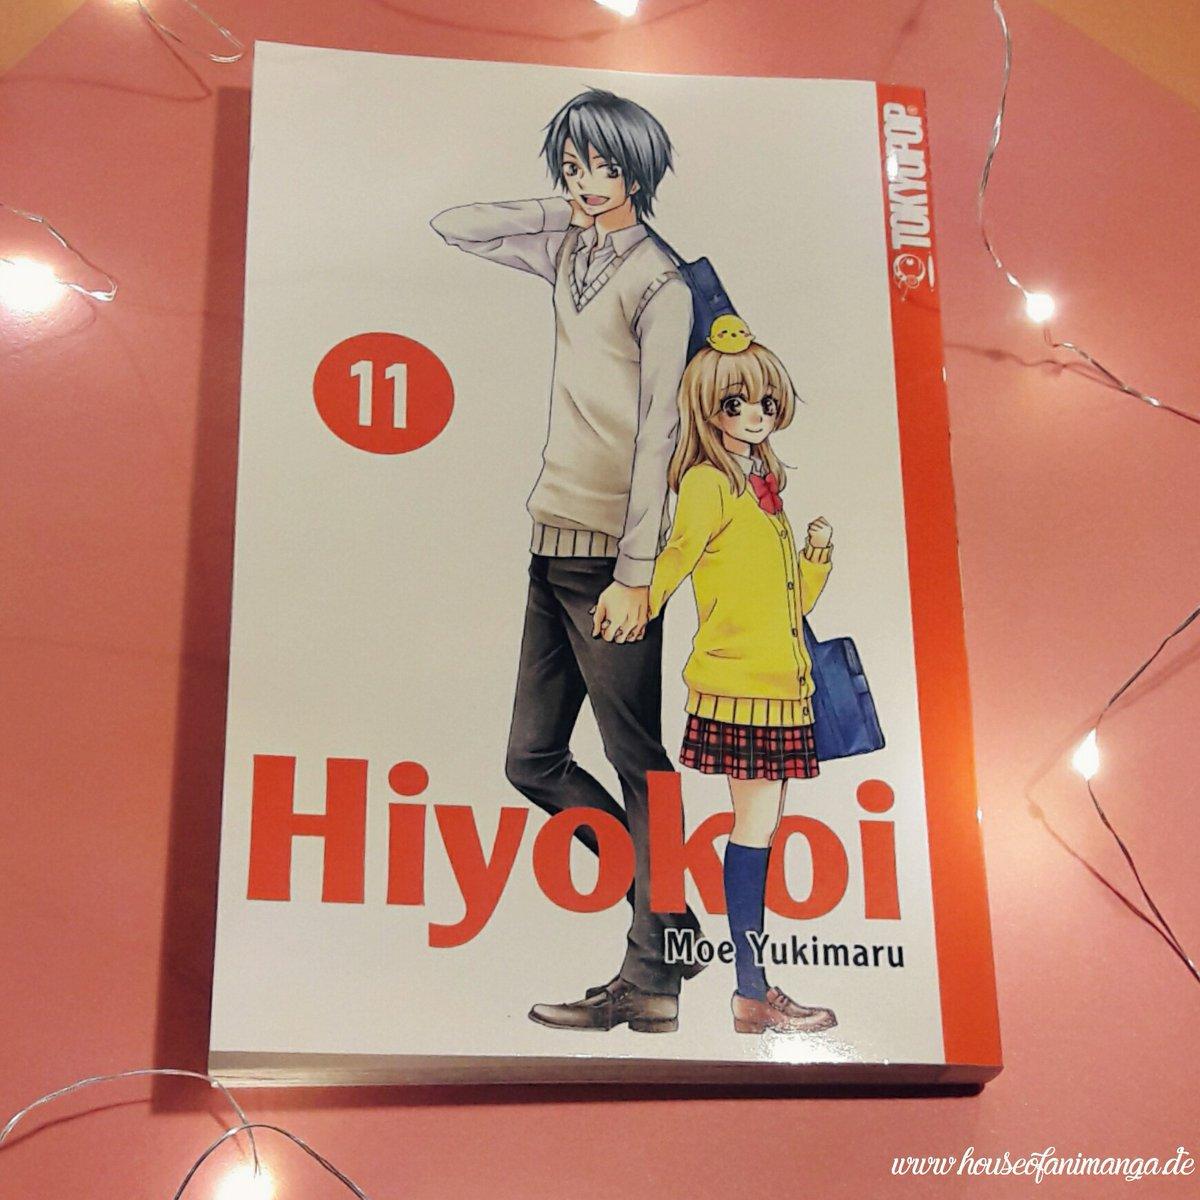 Hiyokoi Tokyopop Manga